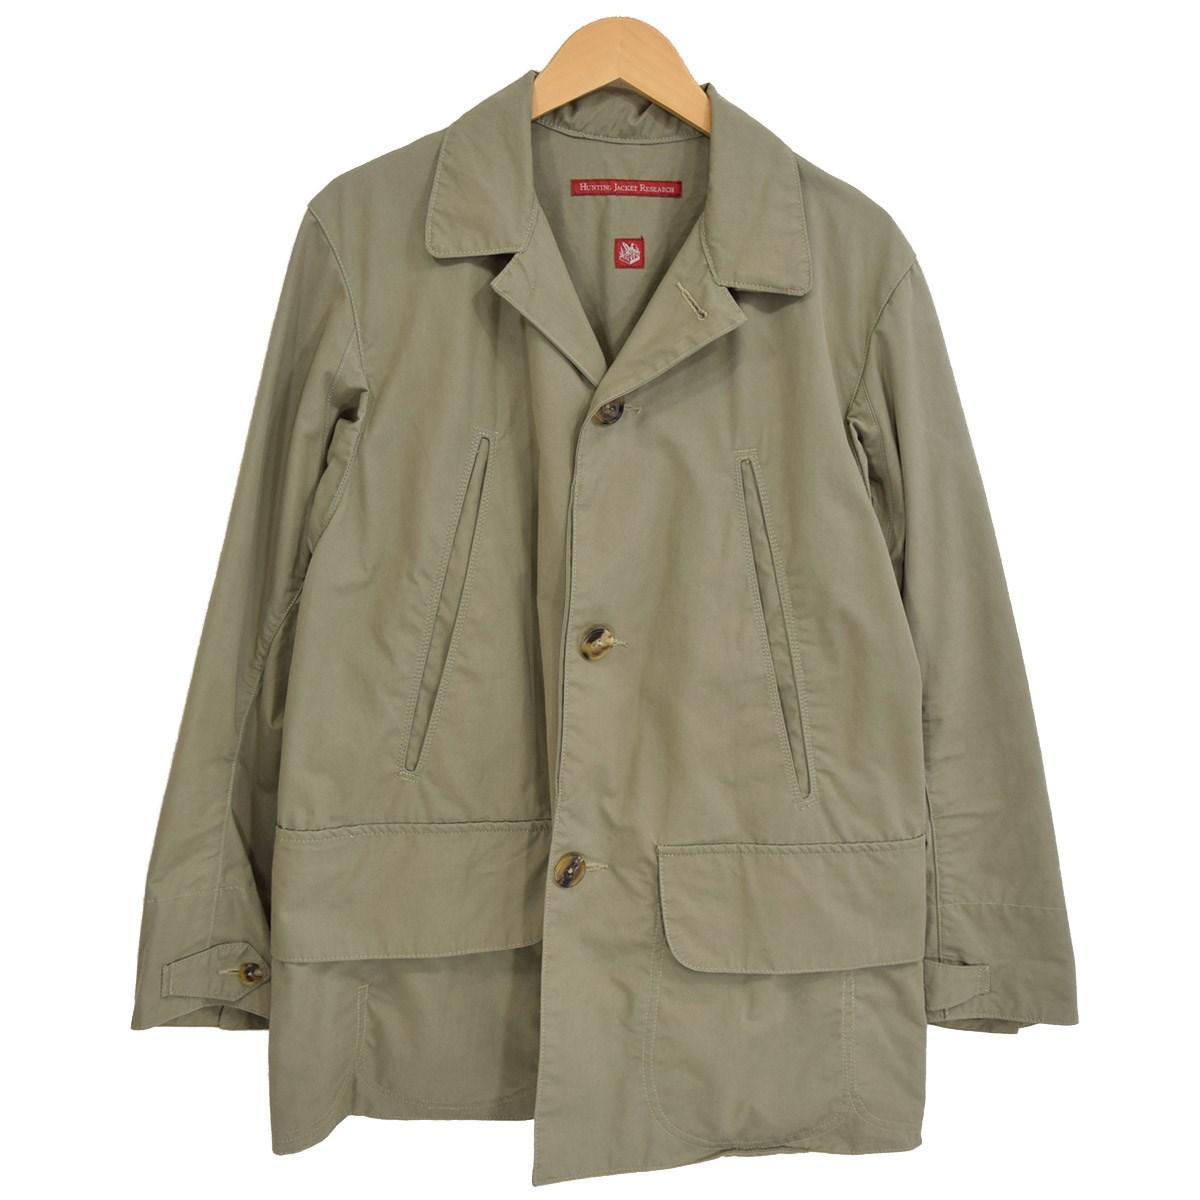 【中古】Hunting Jacket Research Short Coat ショートコート ハンティングジャケット HJR-078 2013AW カーキ サイズ:L 【260120】(ハンティングジャケットリサーチ)